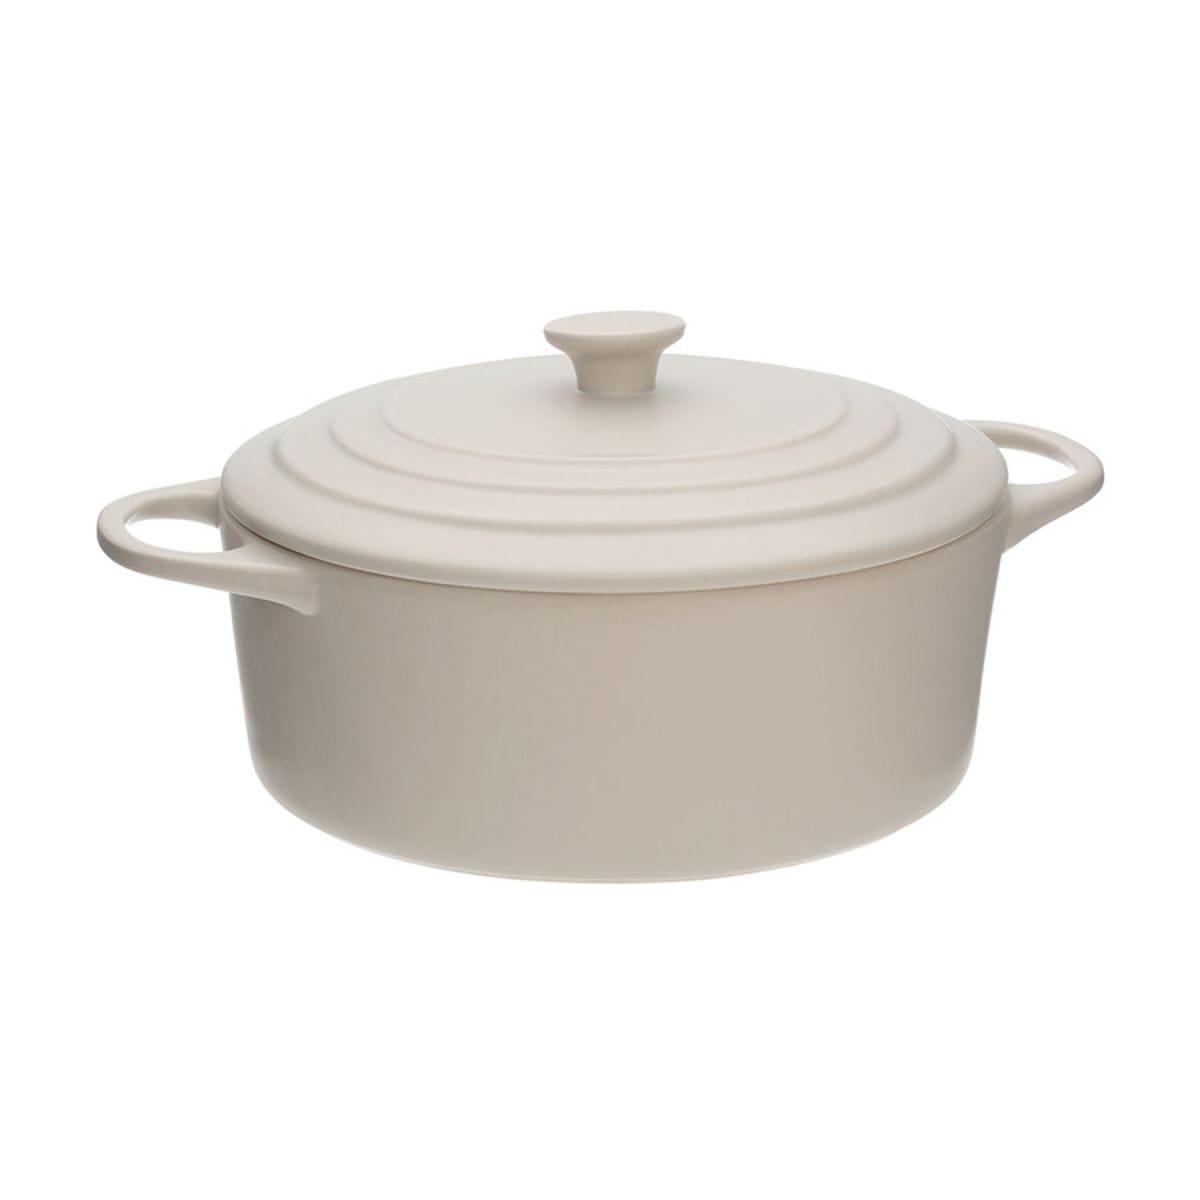 Premier Housewares 2.5L Casserole Dish - Beige